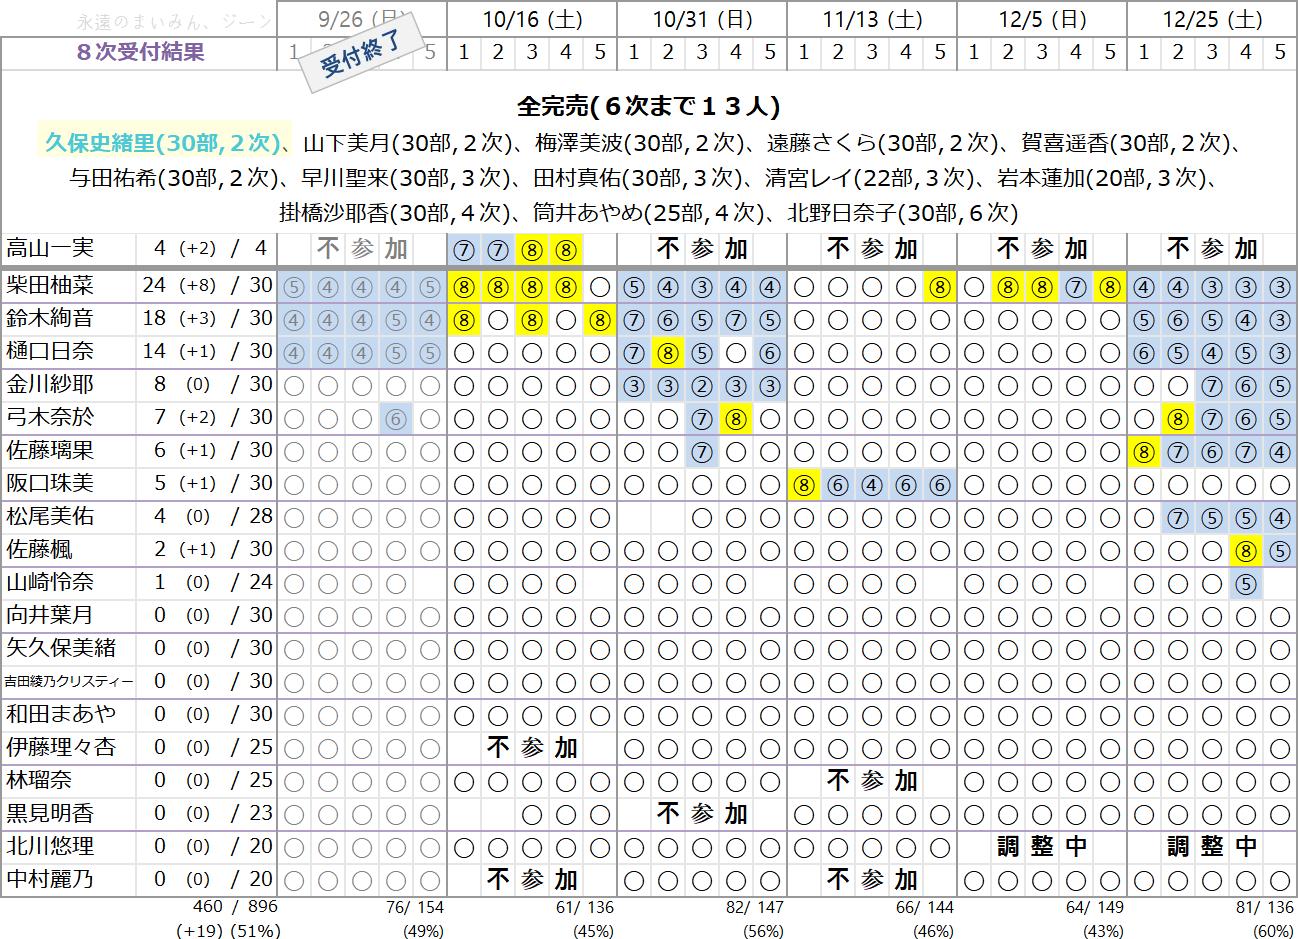 乃木坂46 28thシングル「ミーグリ」8次